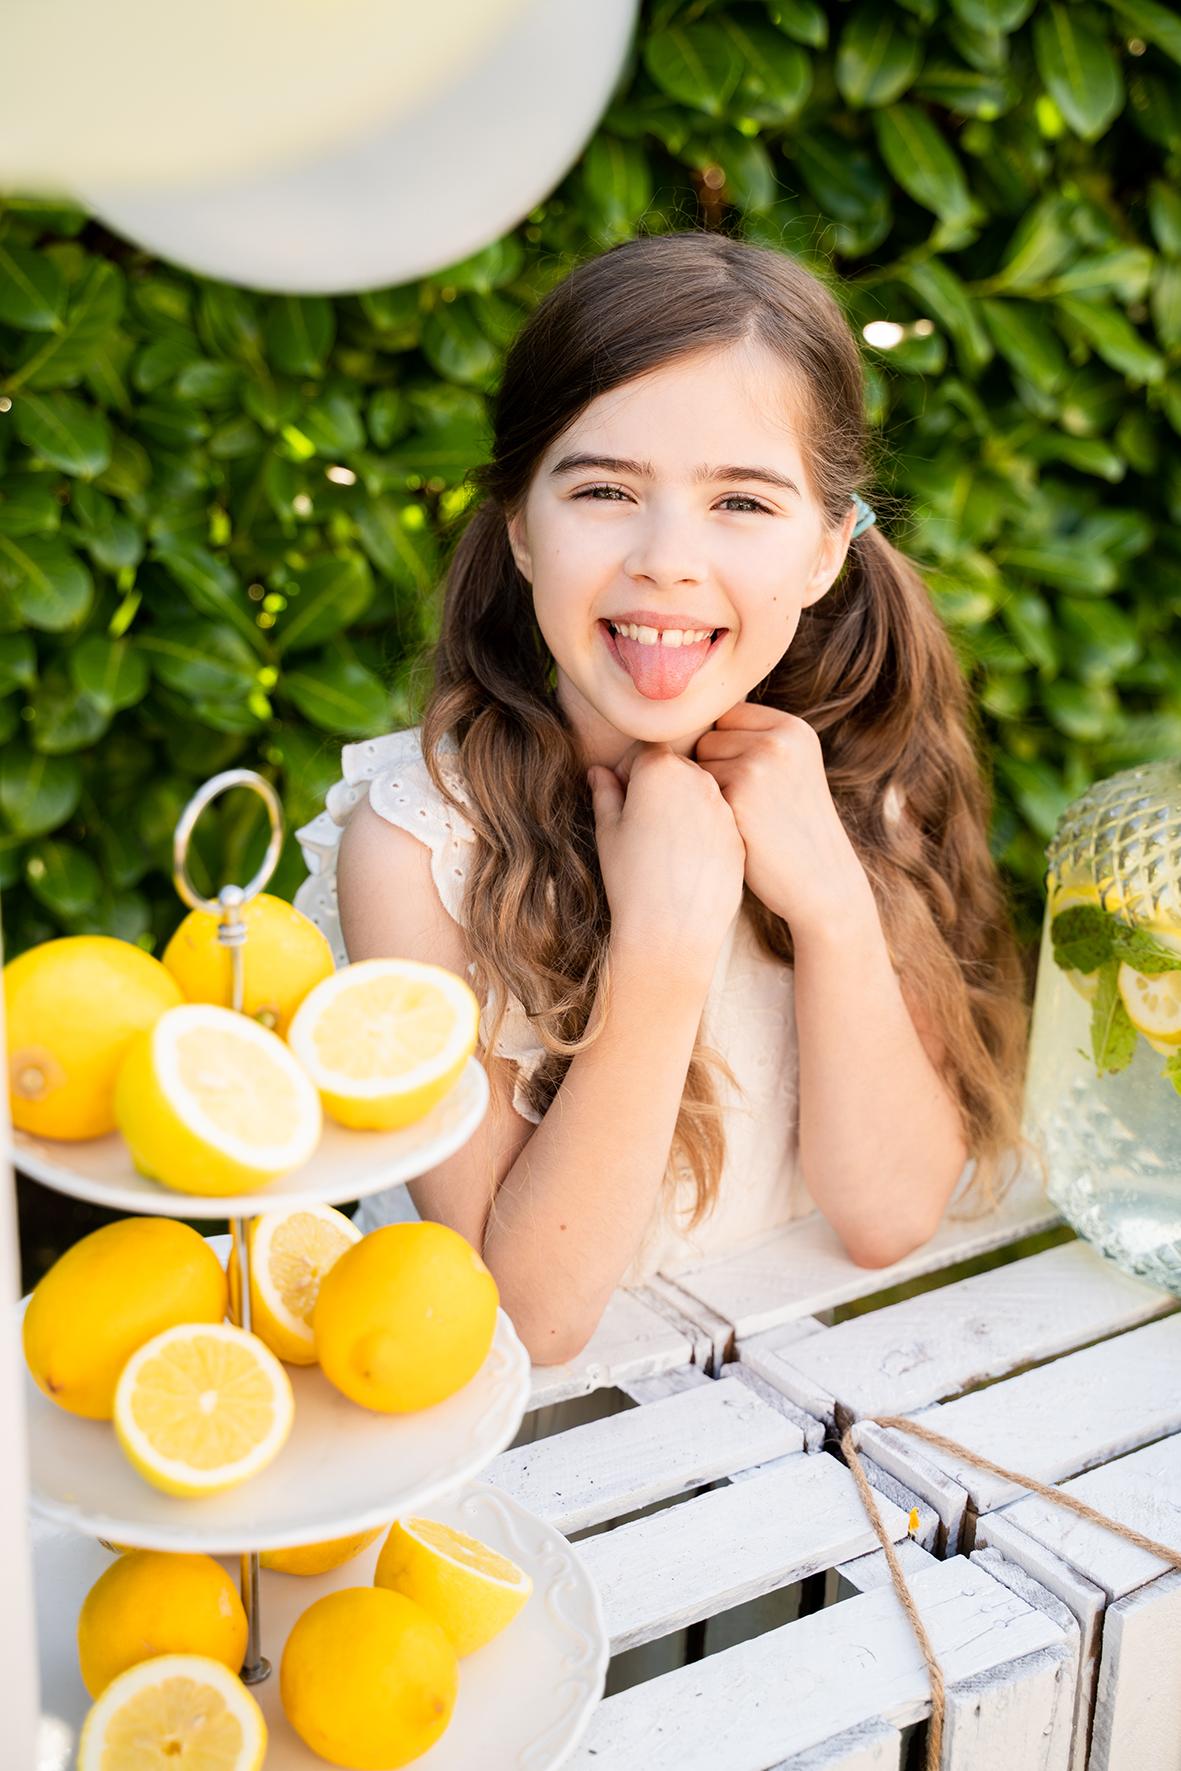 Famileinfotografin aus Bremen Zitronenshooting im Garten Zunge raus stecken